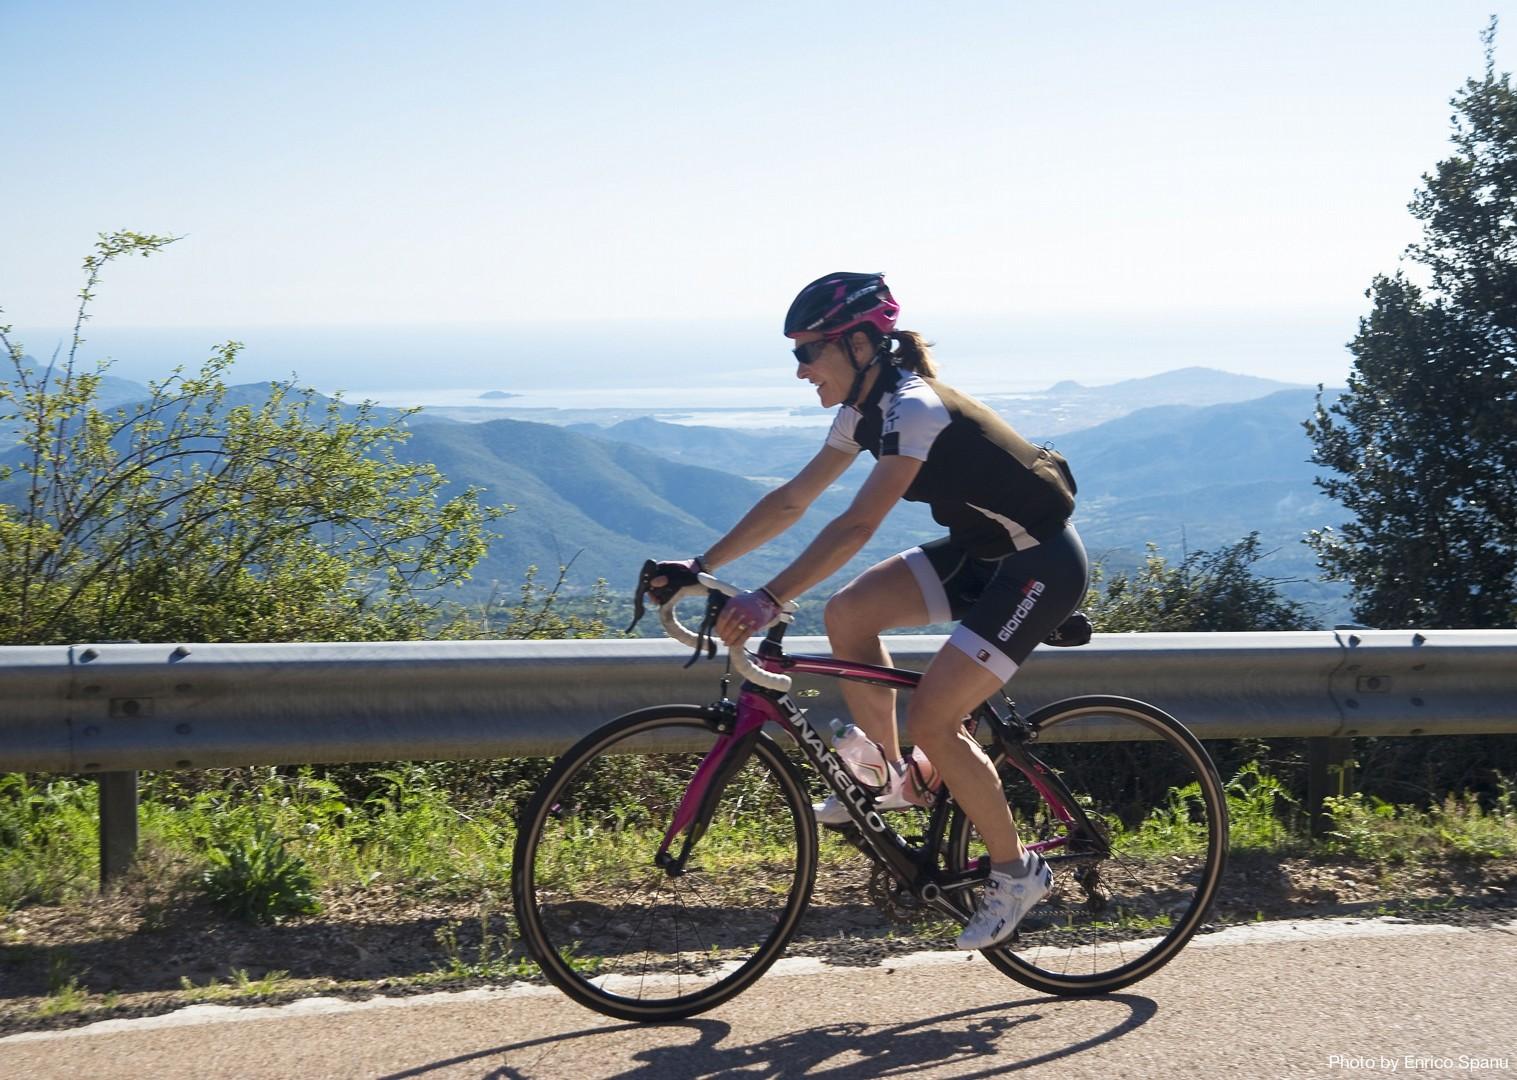 Guided-Road-Cycling-Holiday-Sardinia-Sardinian-Mountains-Monte-Corrasi.jpg - Italy - Sardinia - Sardinian Mountains - Guided Road Cycling Holiday - Road Cycling